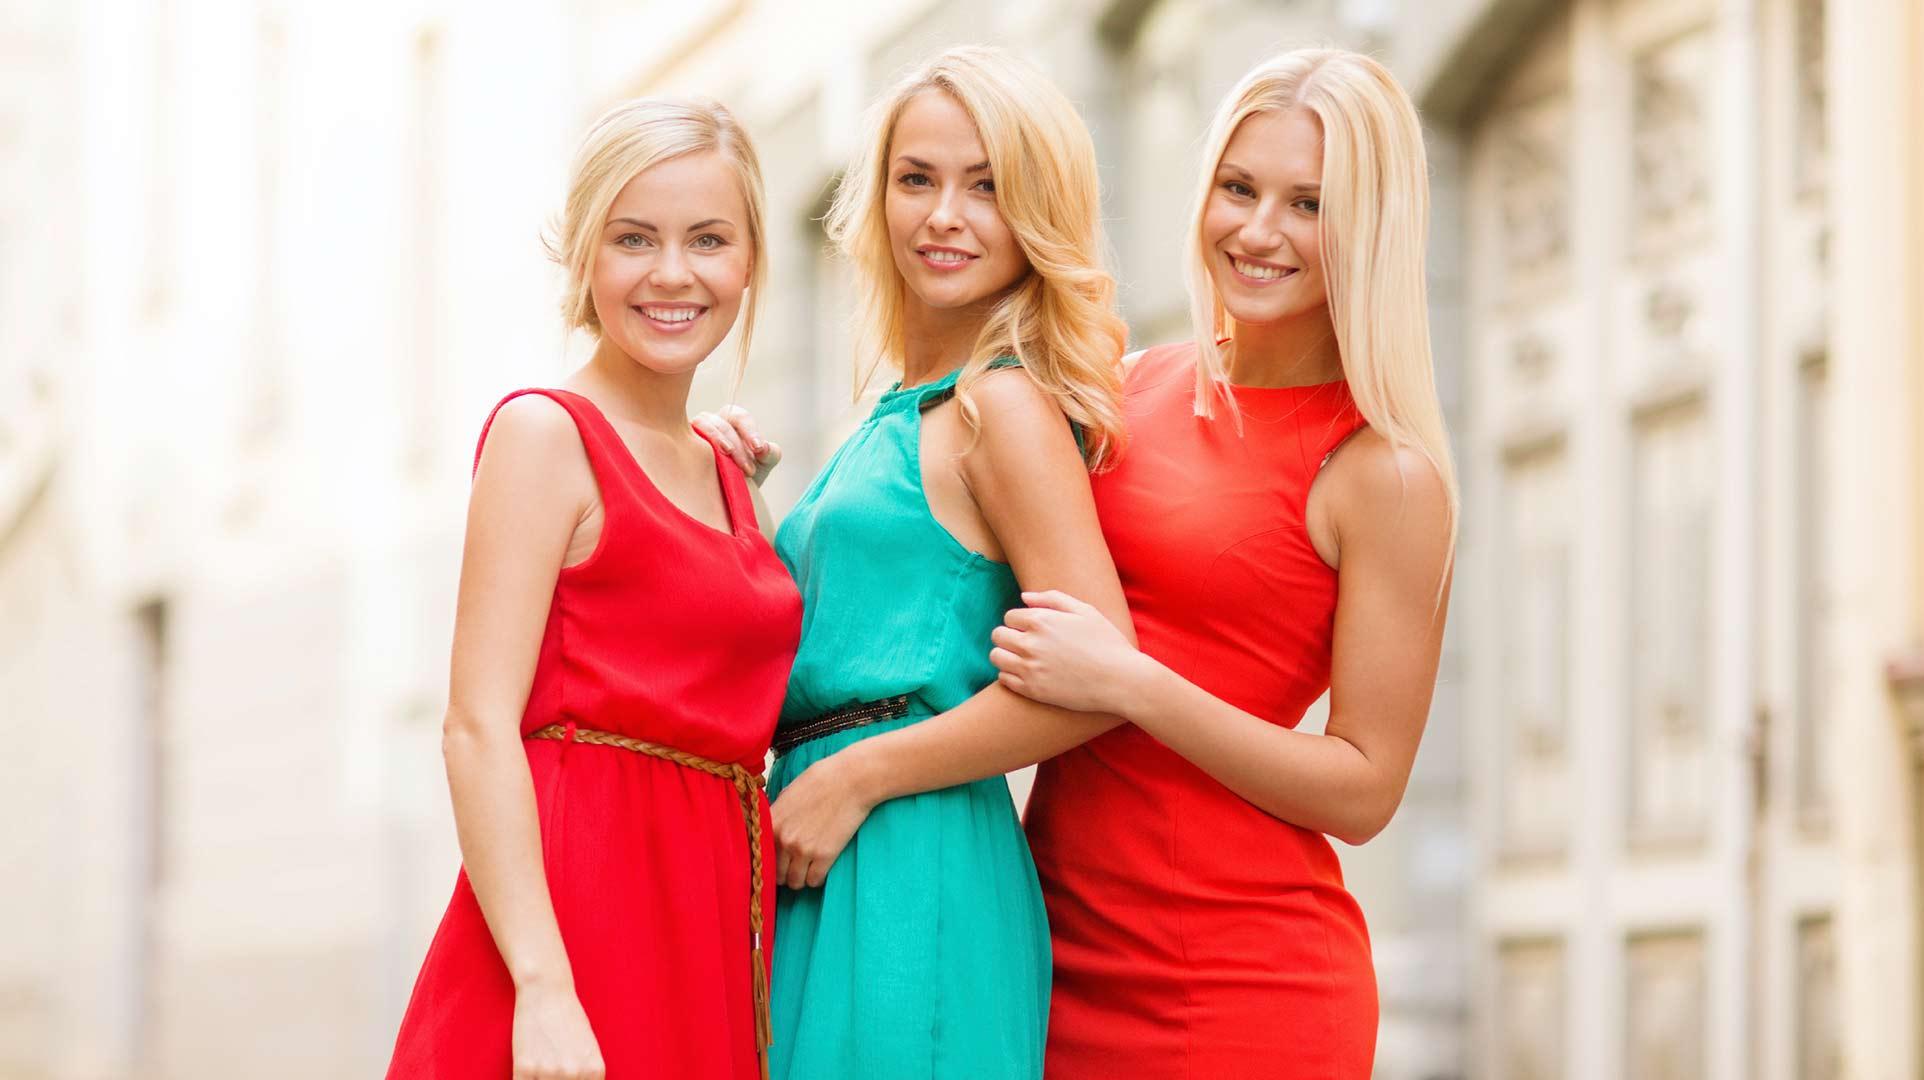 Conocer mujeres de estonia mujer sexo ahora Coslada-72797